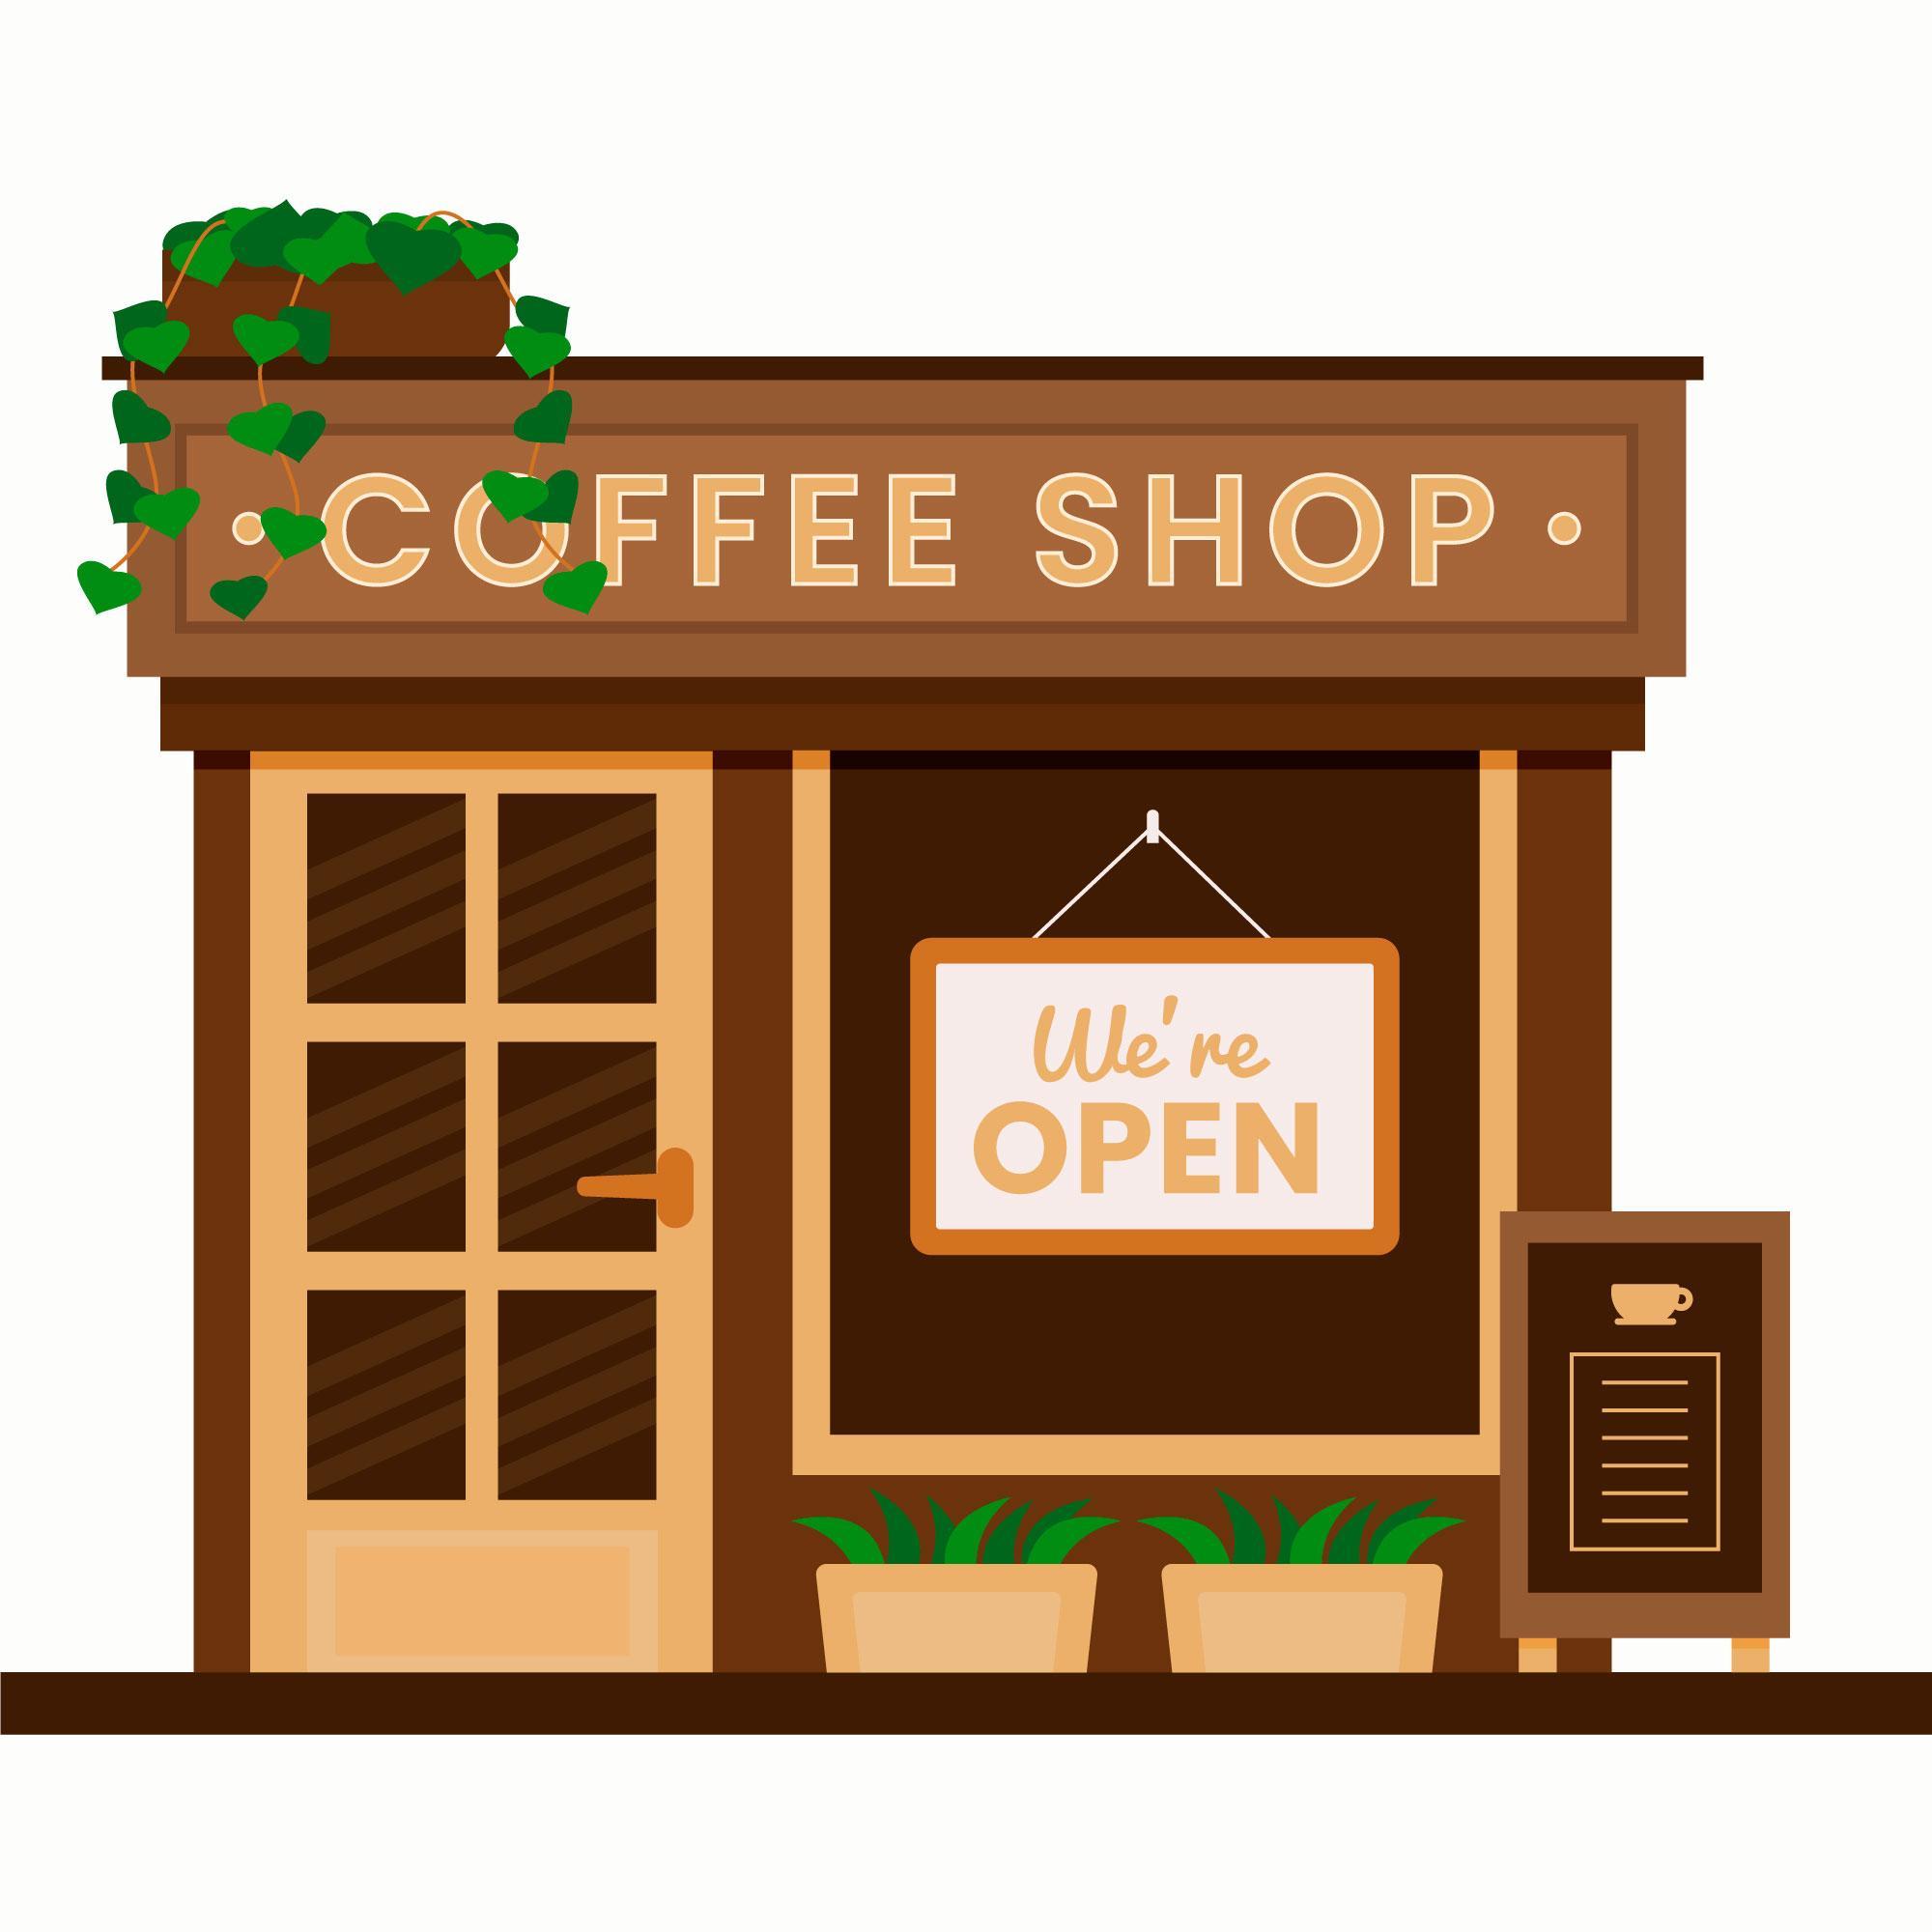 傷心咖啡店之歌(10)